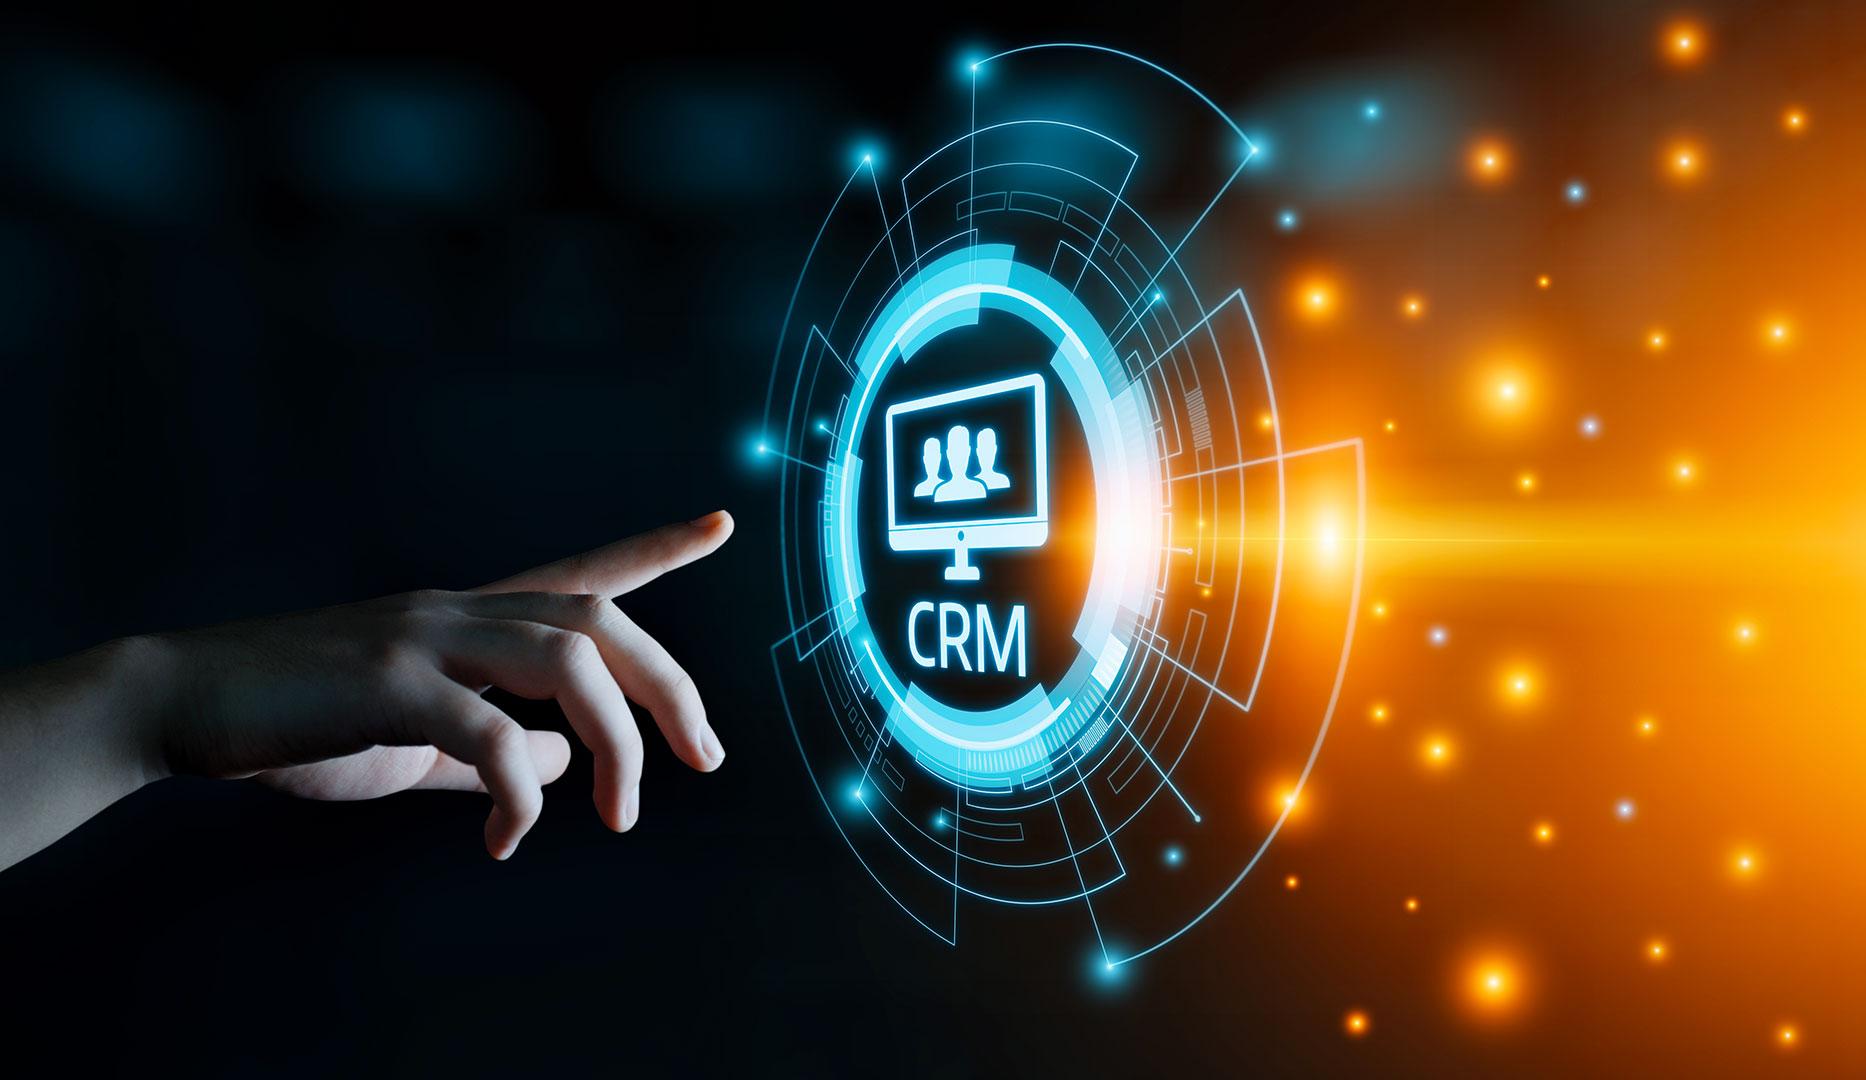 Không thể thiếu CRM trong quá trình phát triển App